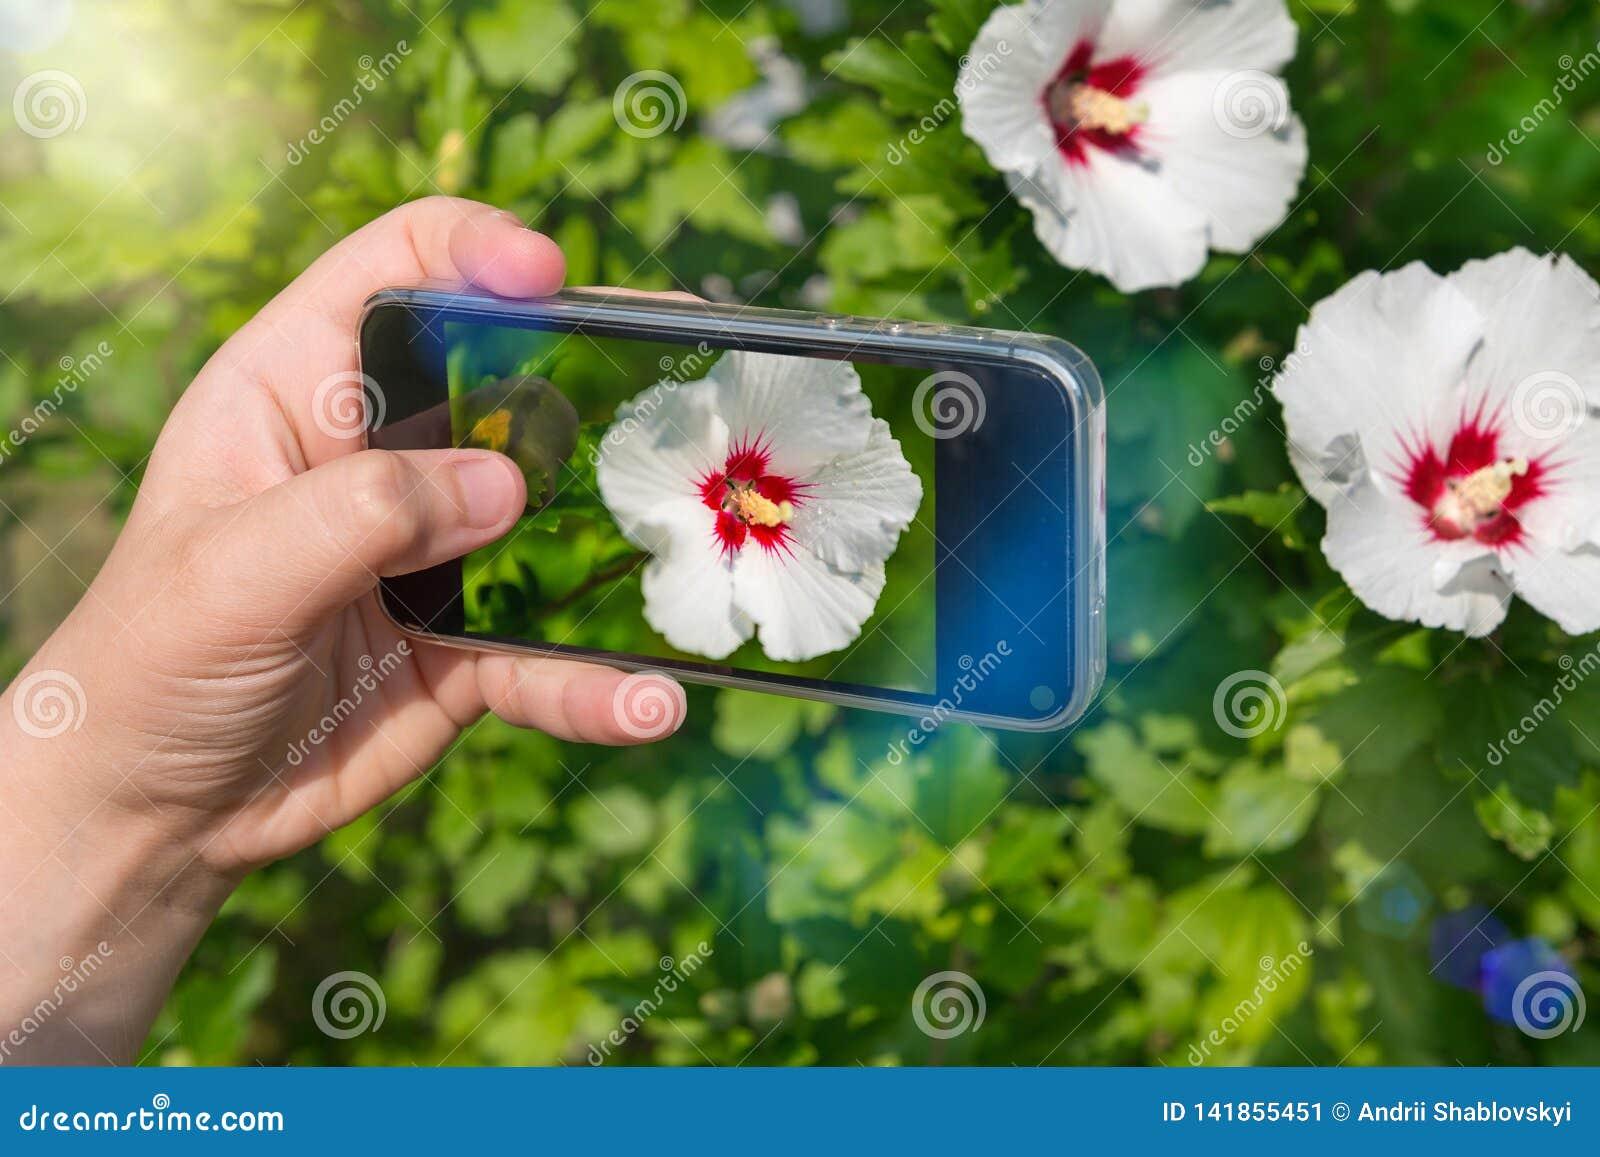 Hände der Frau Fotos von Blumen mit Handy machend Fotografie für instagram